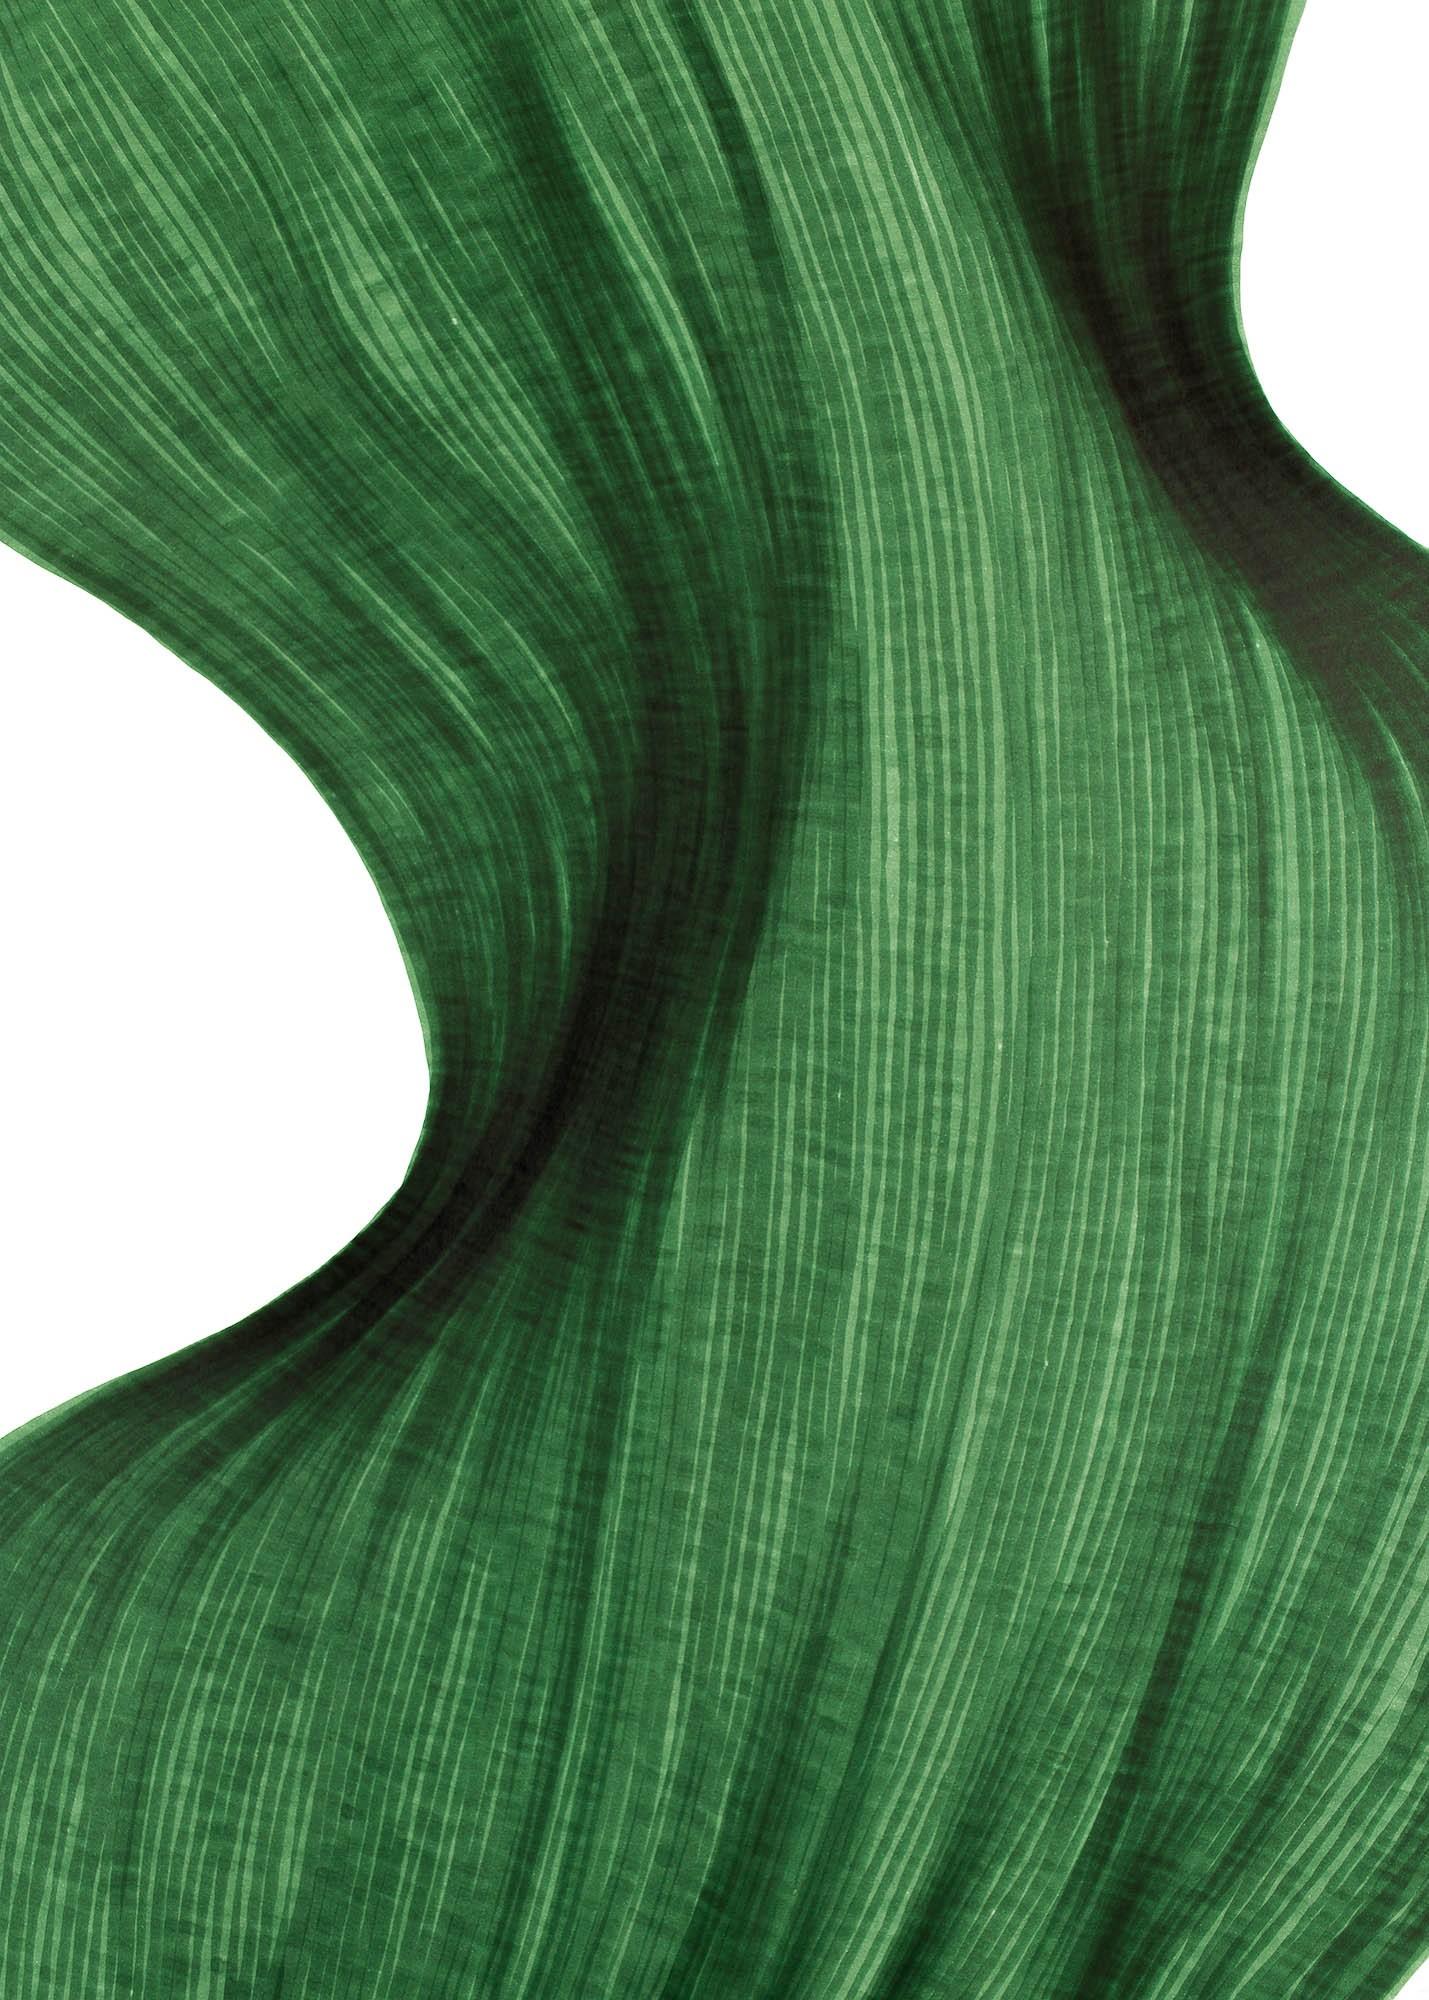 Evergreen Fold | Lali Torma | Zeichnung | Kalligraphie Tinte auf Papier - Detail